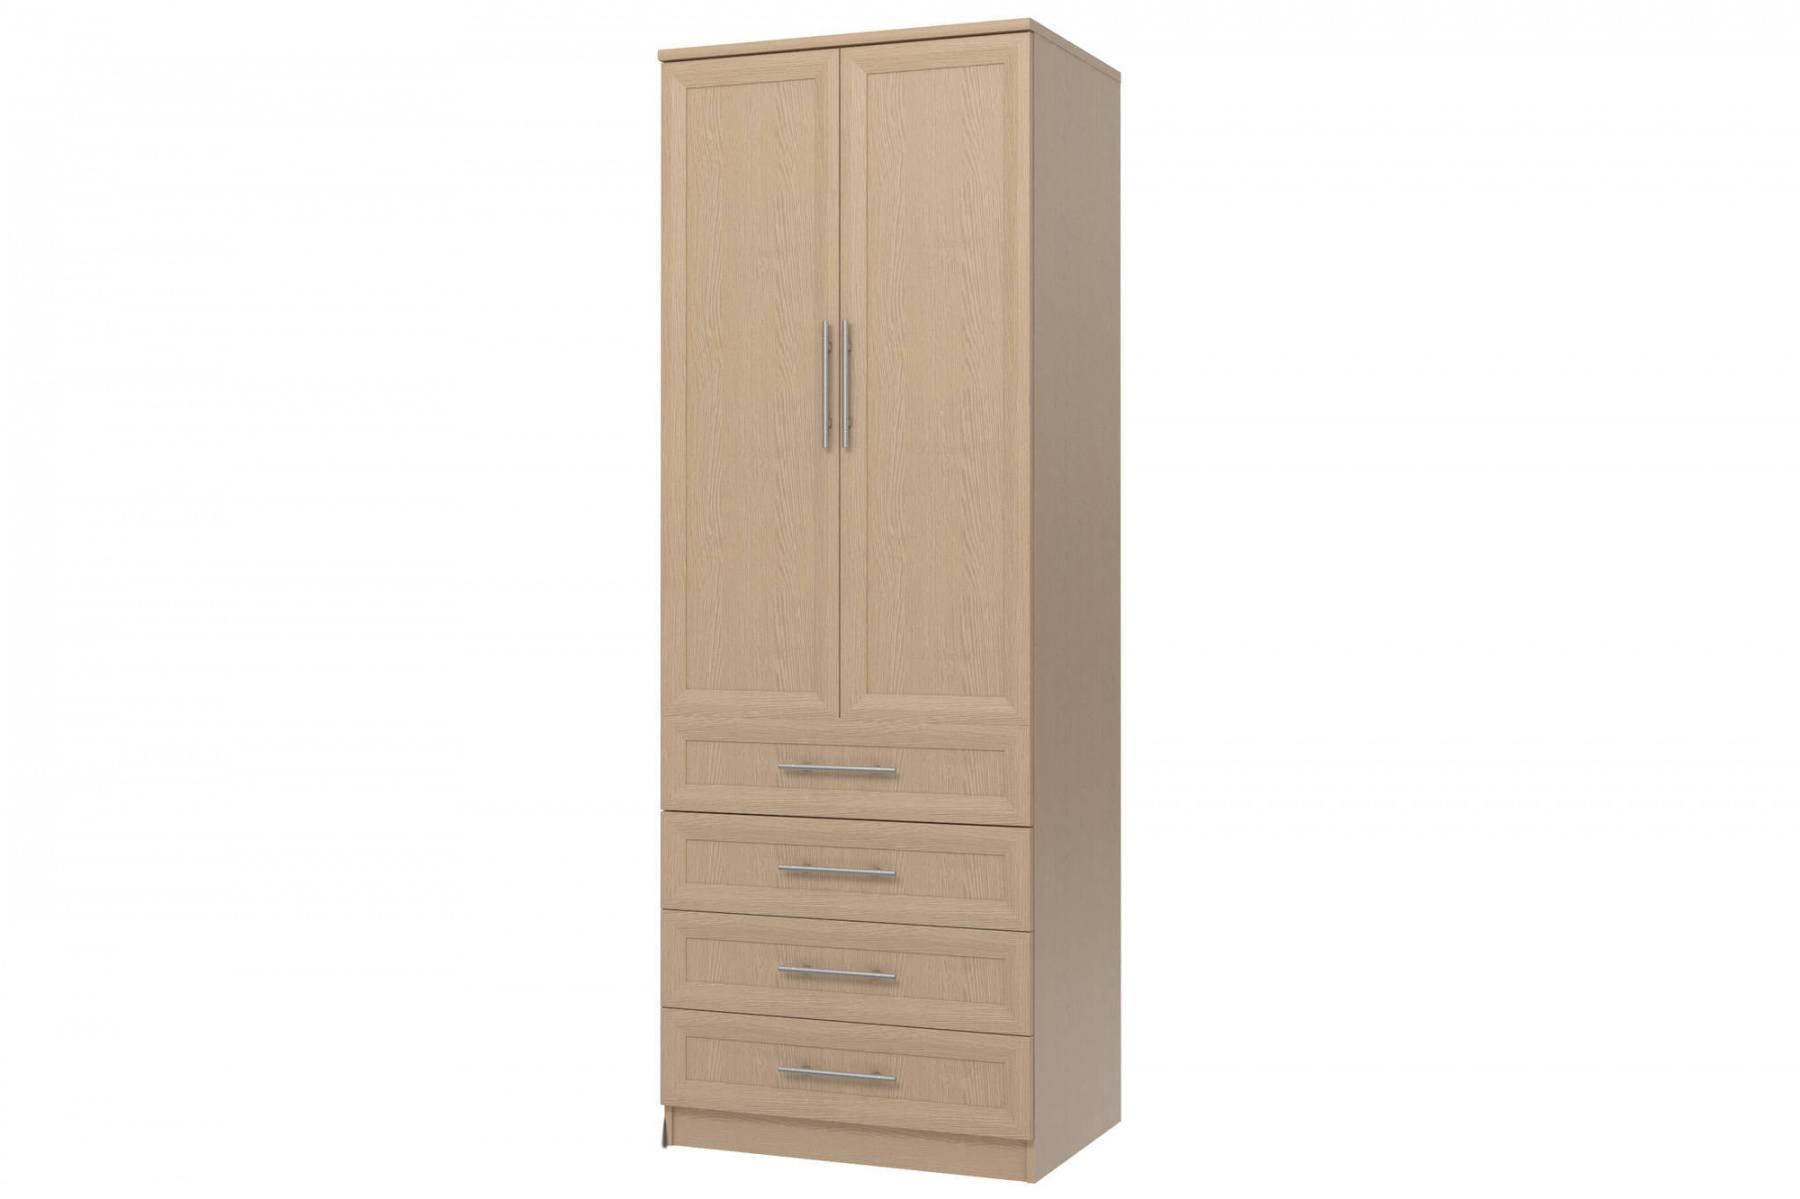 Шкаф 2-х дверный с 4-мя ящ. Юлианна СТЛ.Н 004.01-01М дозиметры и экотестеры soeks дозиметр 01м прайм индикатор радиоактивности